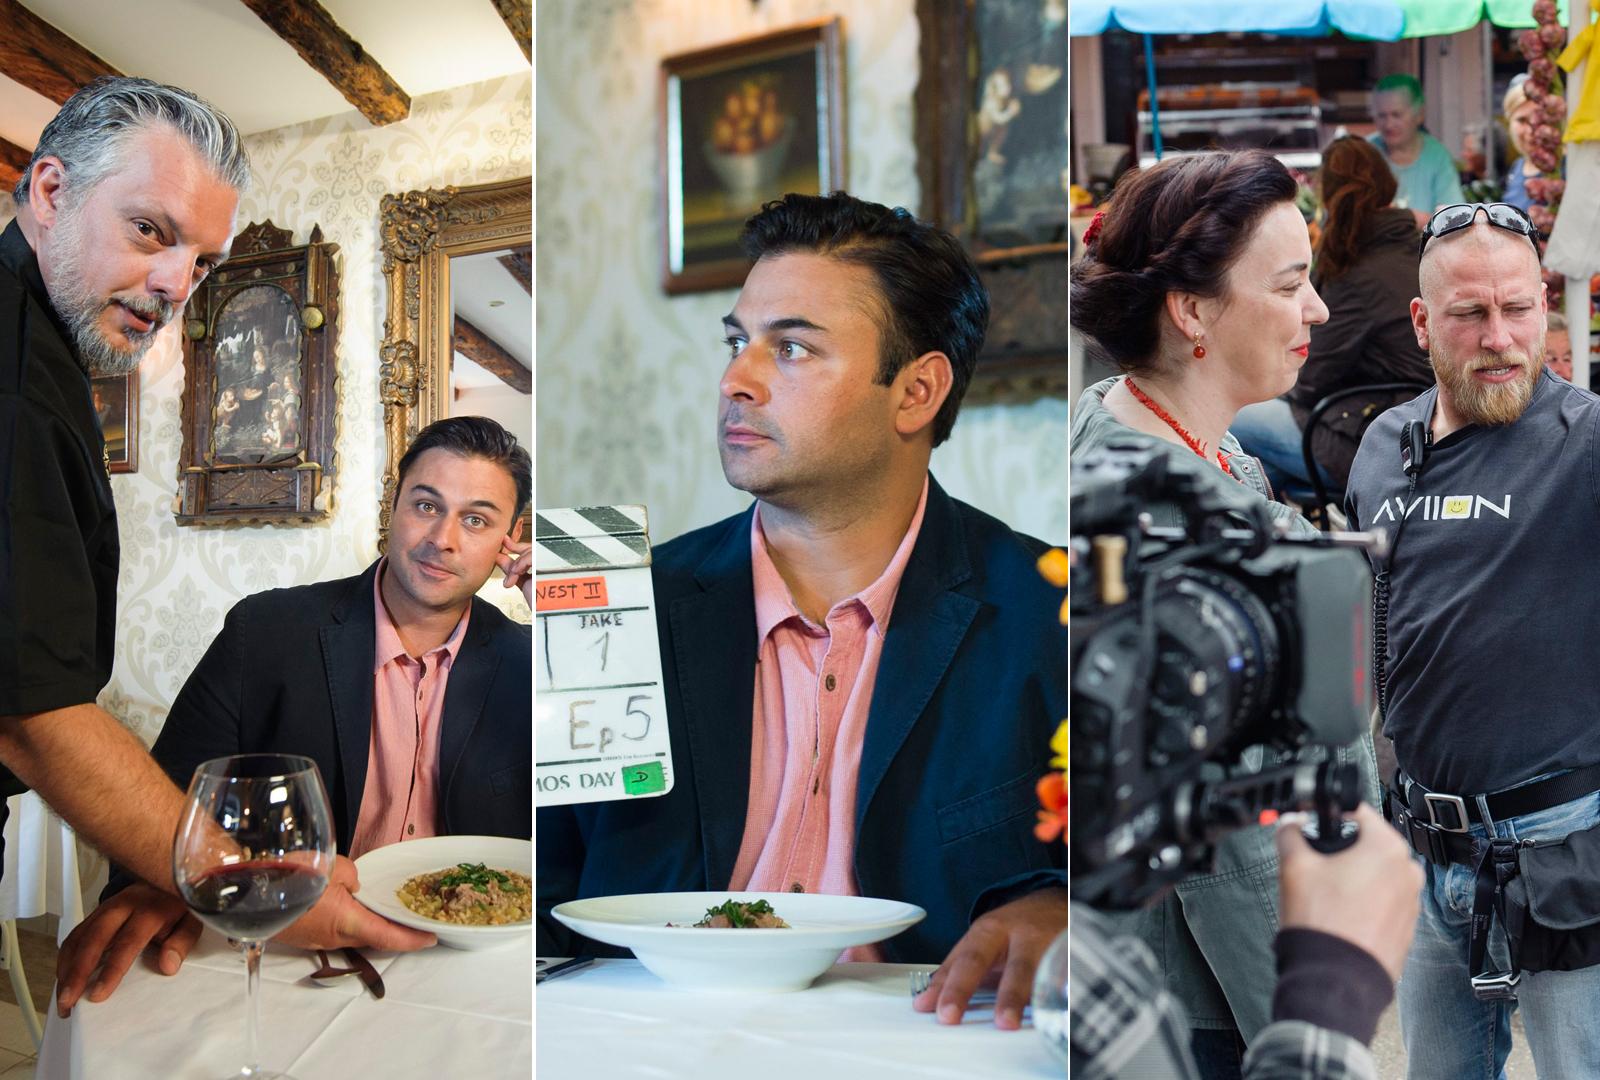 Snimanje emisije Croatia's Finest u Trogiru s Dhruvom Bakerom, pobjednikom britanskog Masterchefa u svibnju 2016.